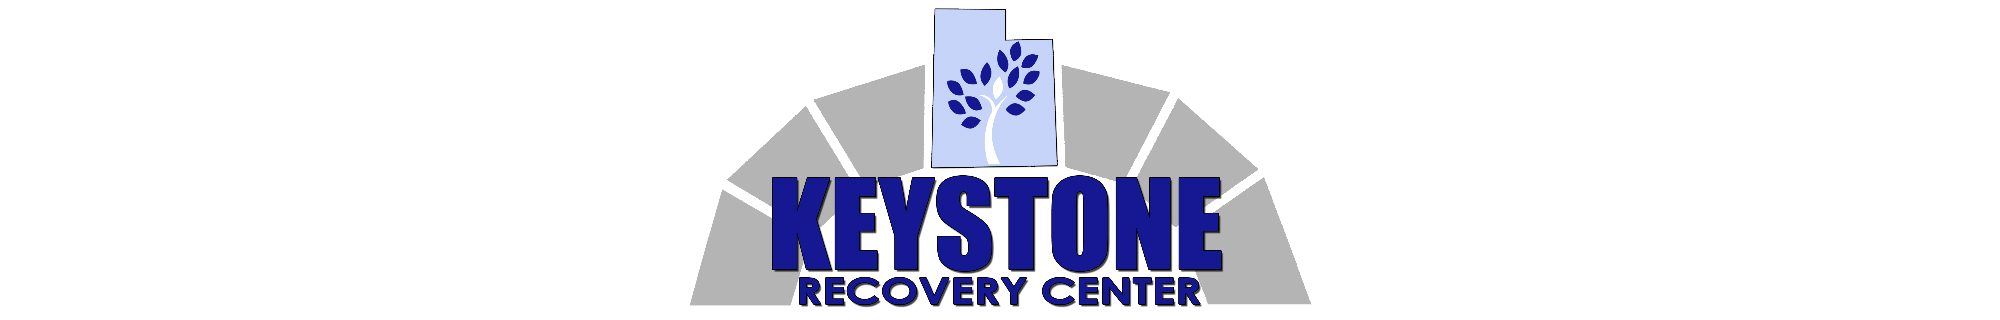 Keystone Recovery